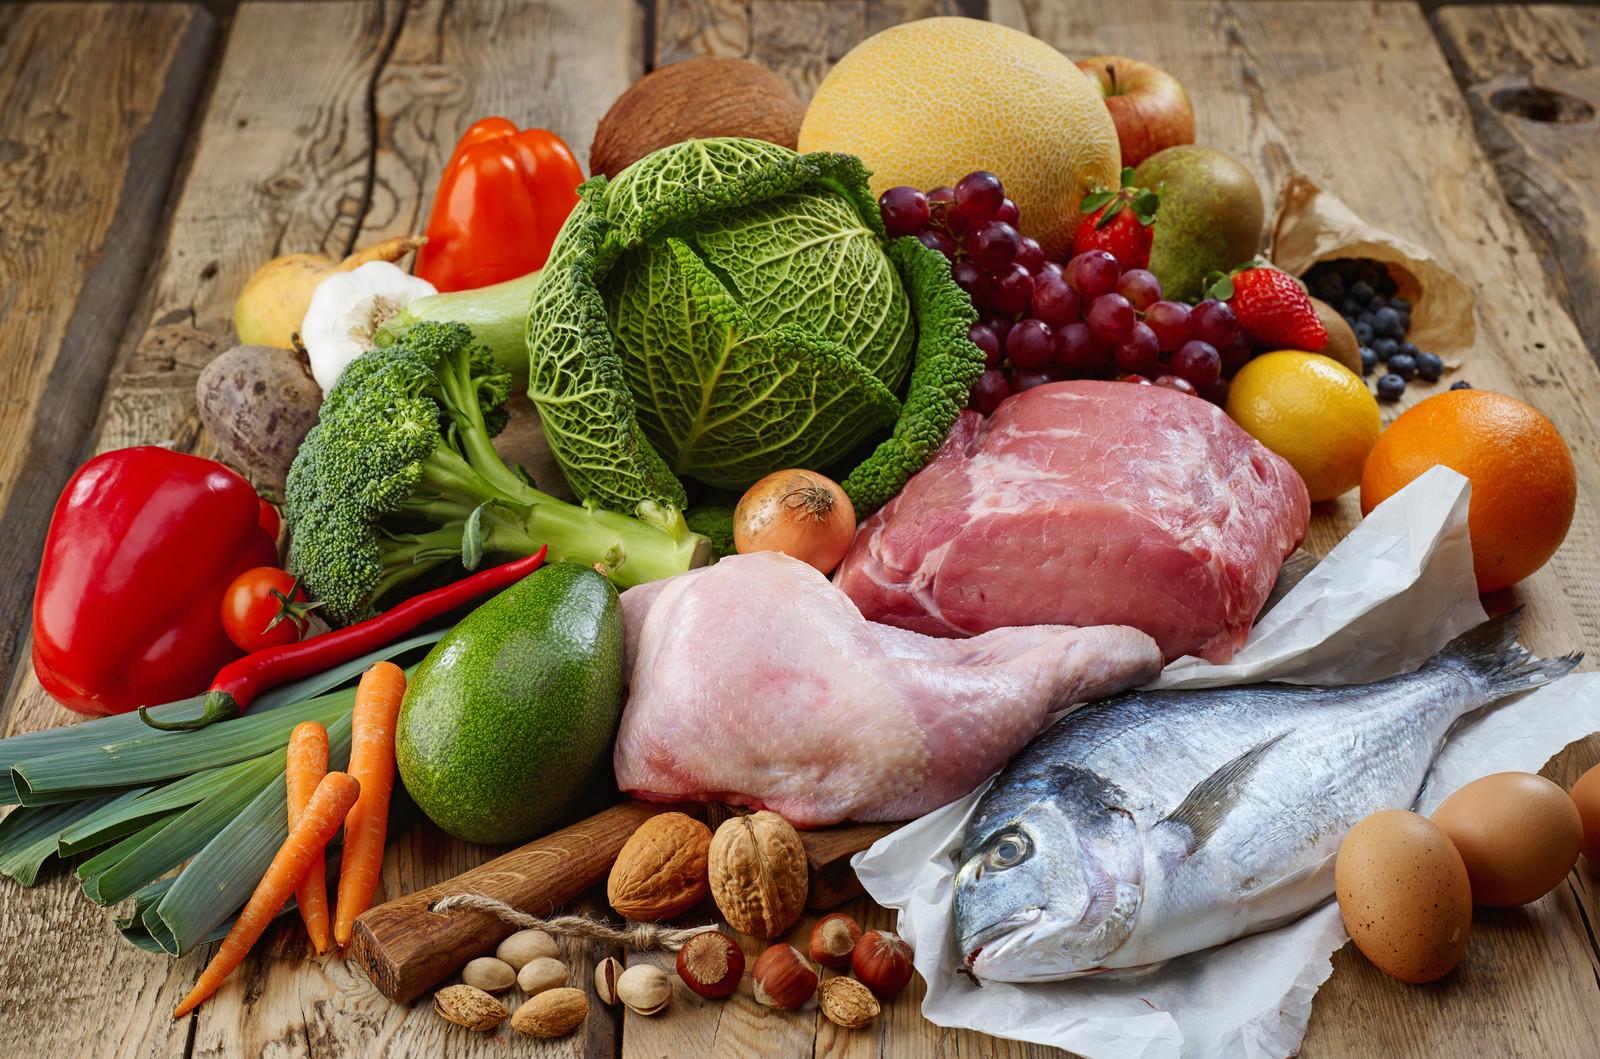 paleo-diet-doesnt-work-gourmandesante